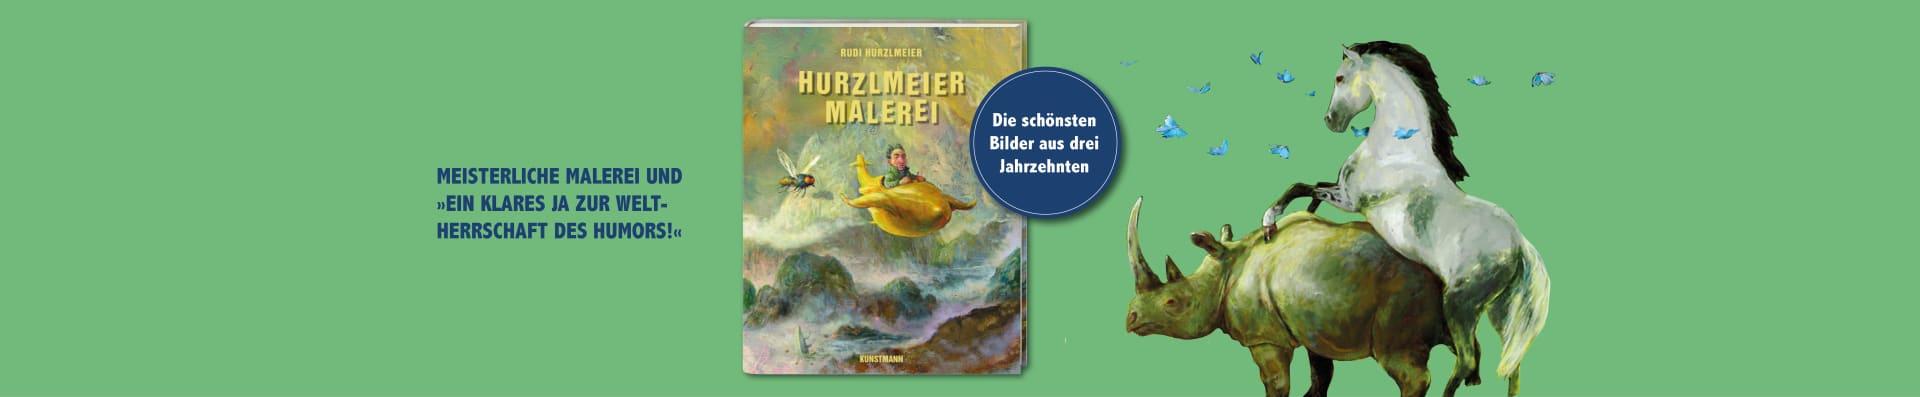 Rudi Hurzlmeier – Hurzlmeiermalerei